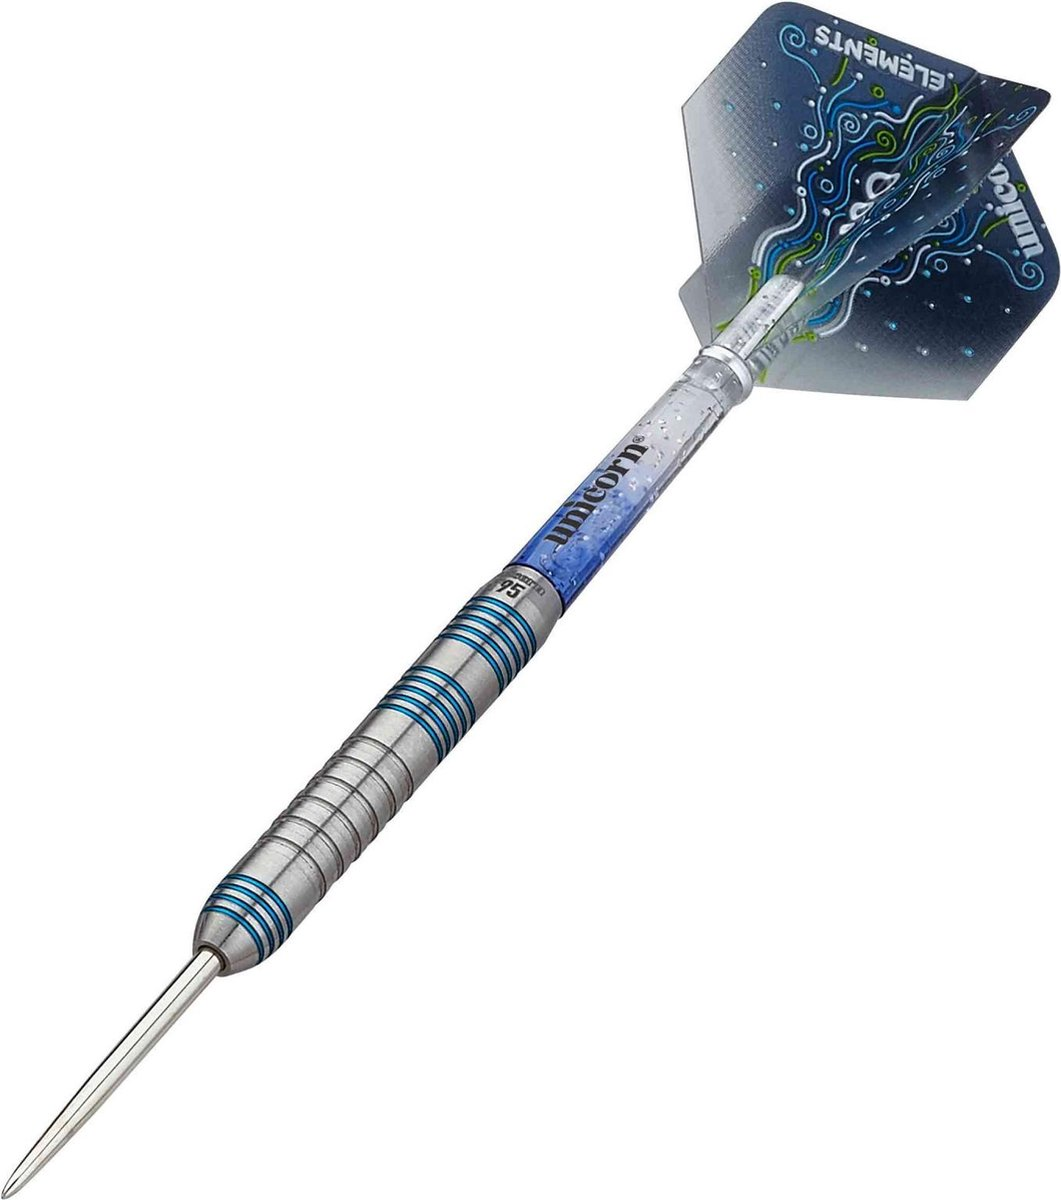 Unicorn Dartpijlen Core Xl T95 Steeltip 25g Tungsten Zilver